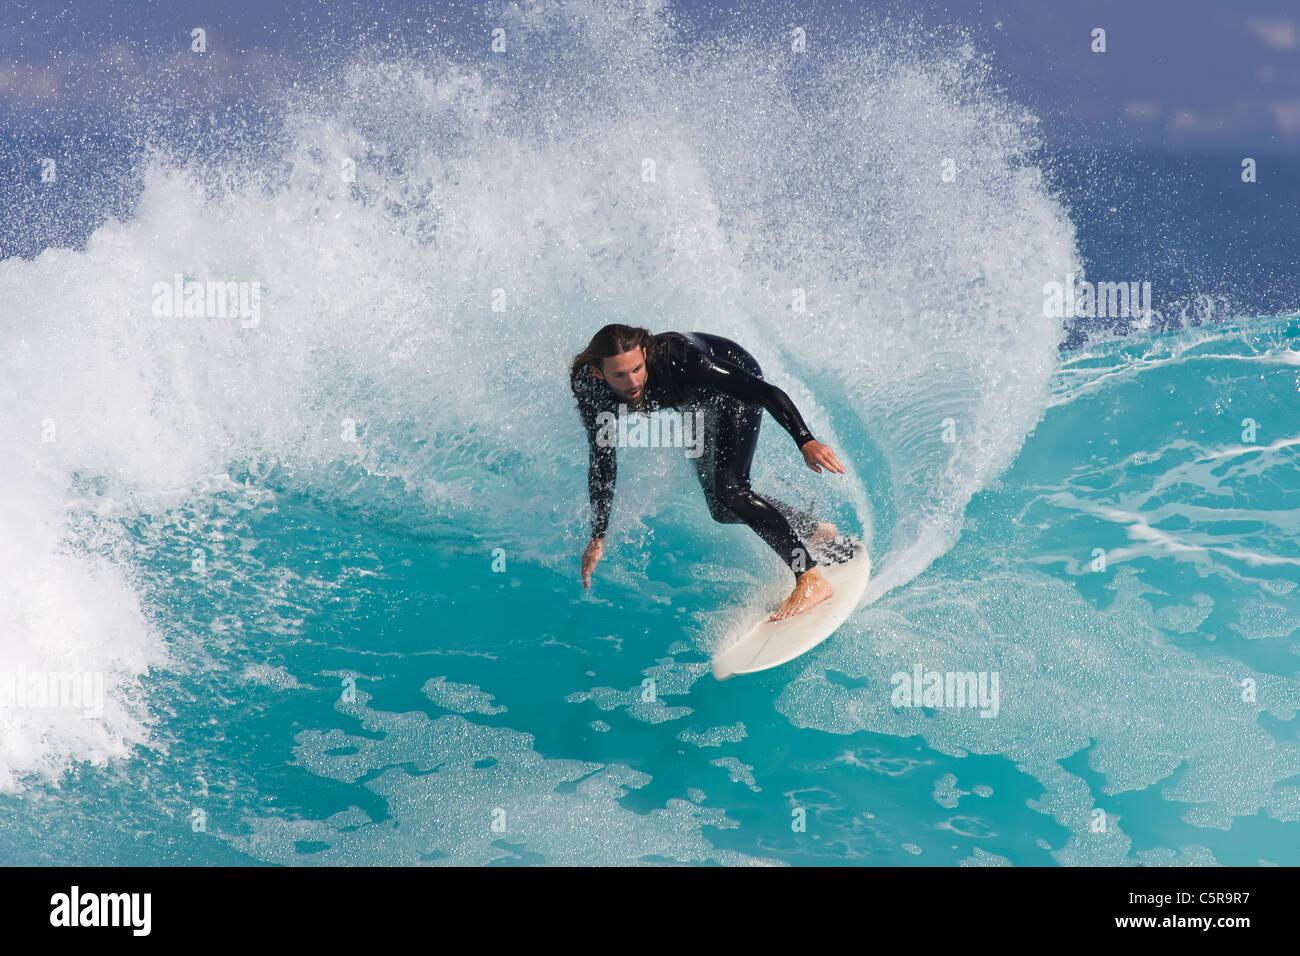 Des promenades le long de surfer des vagues bleu azur. Photo Stock